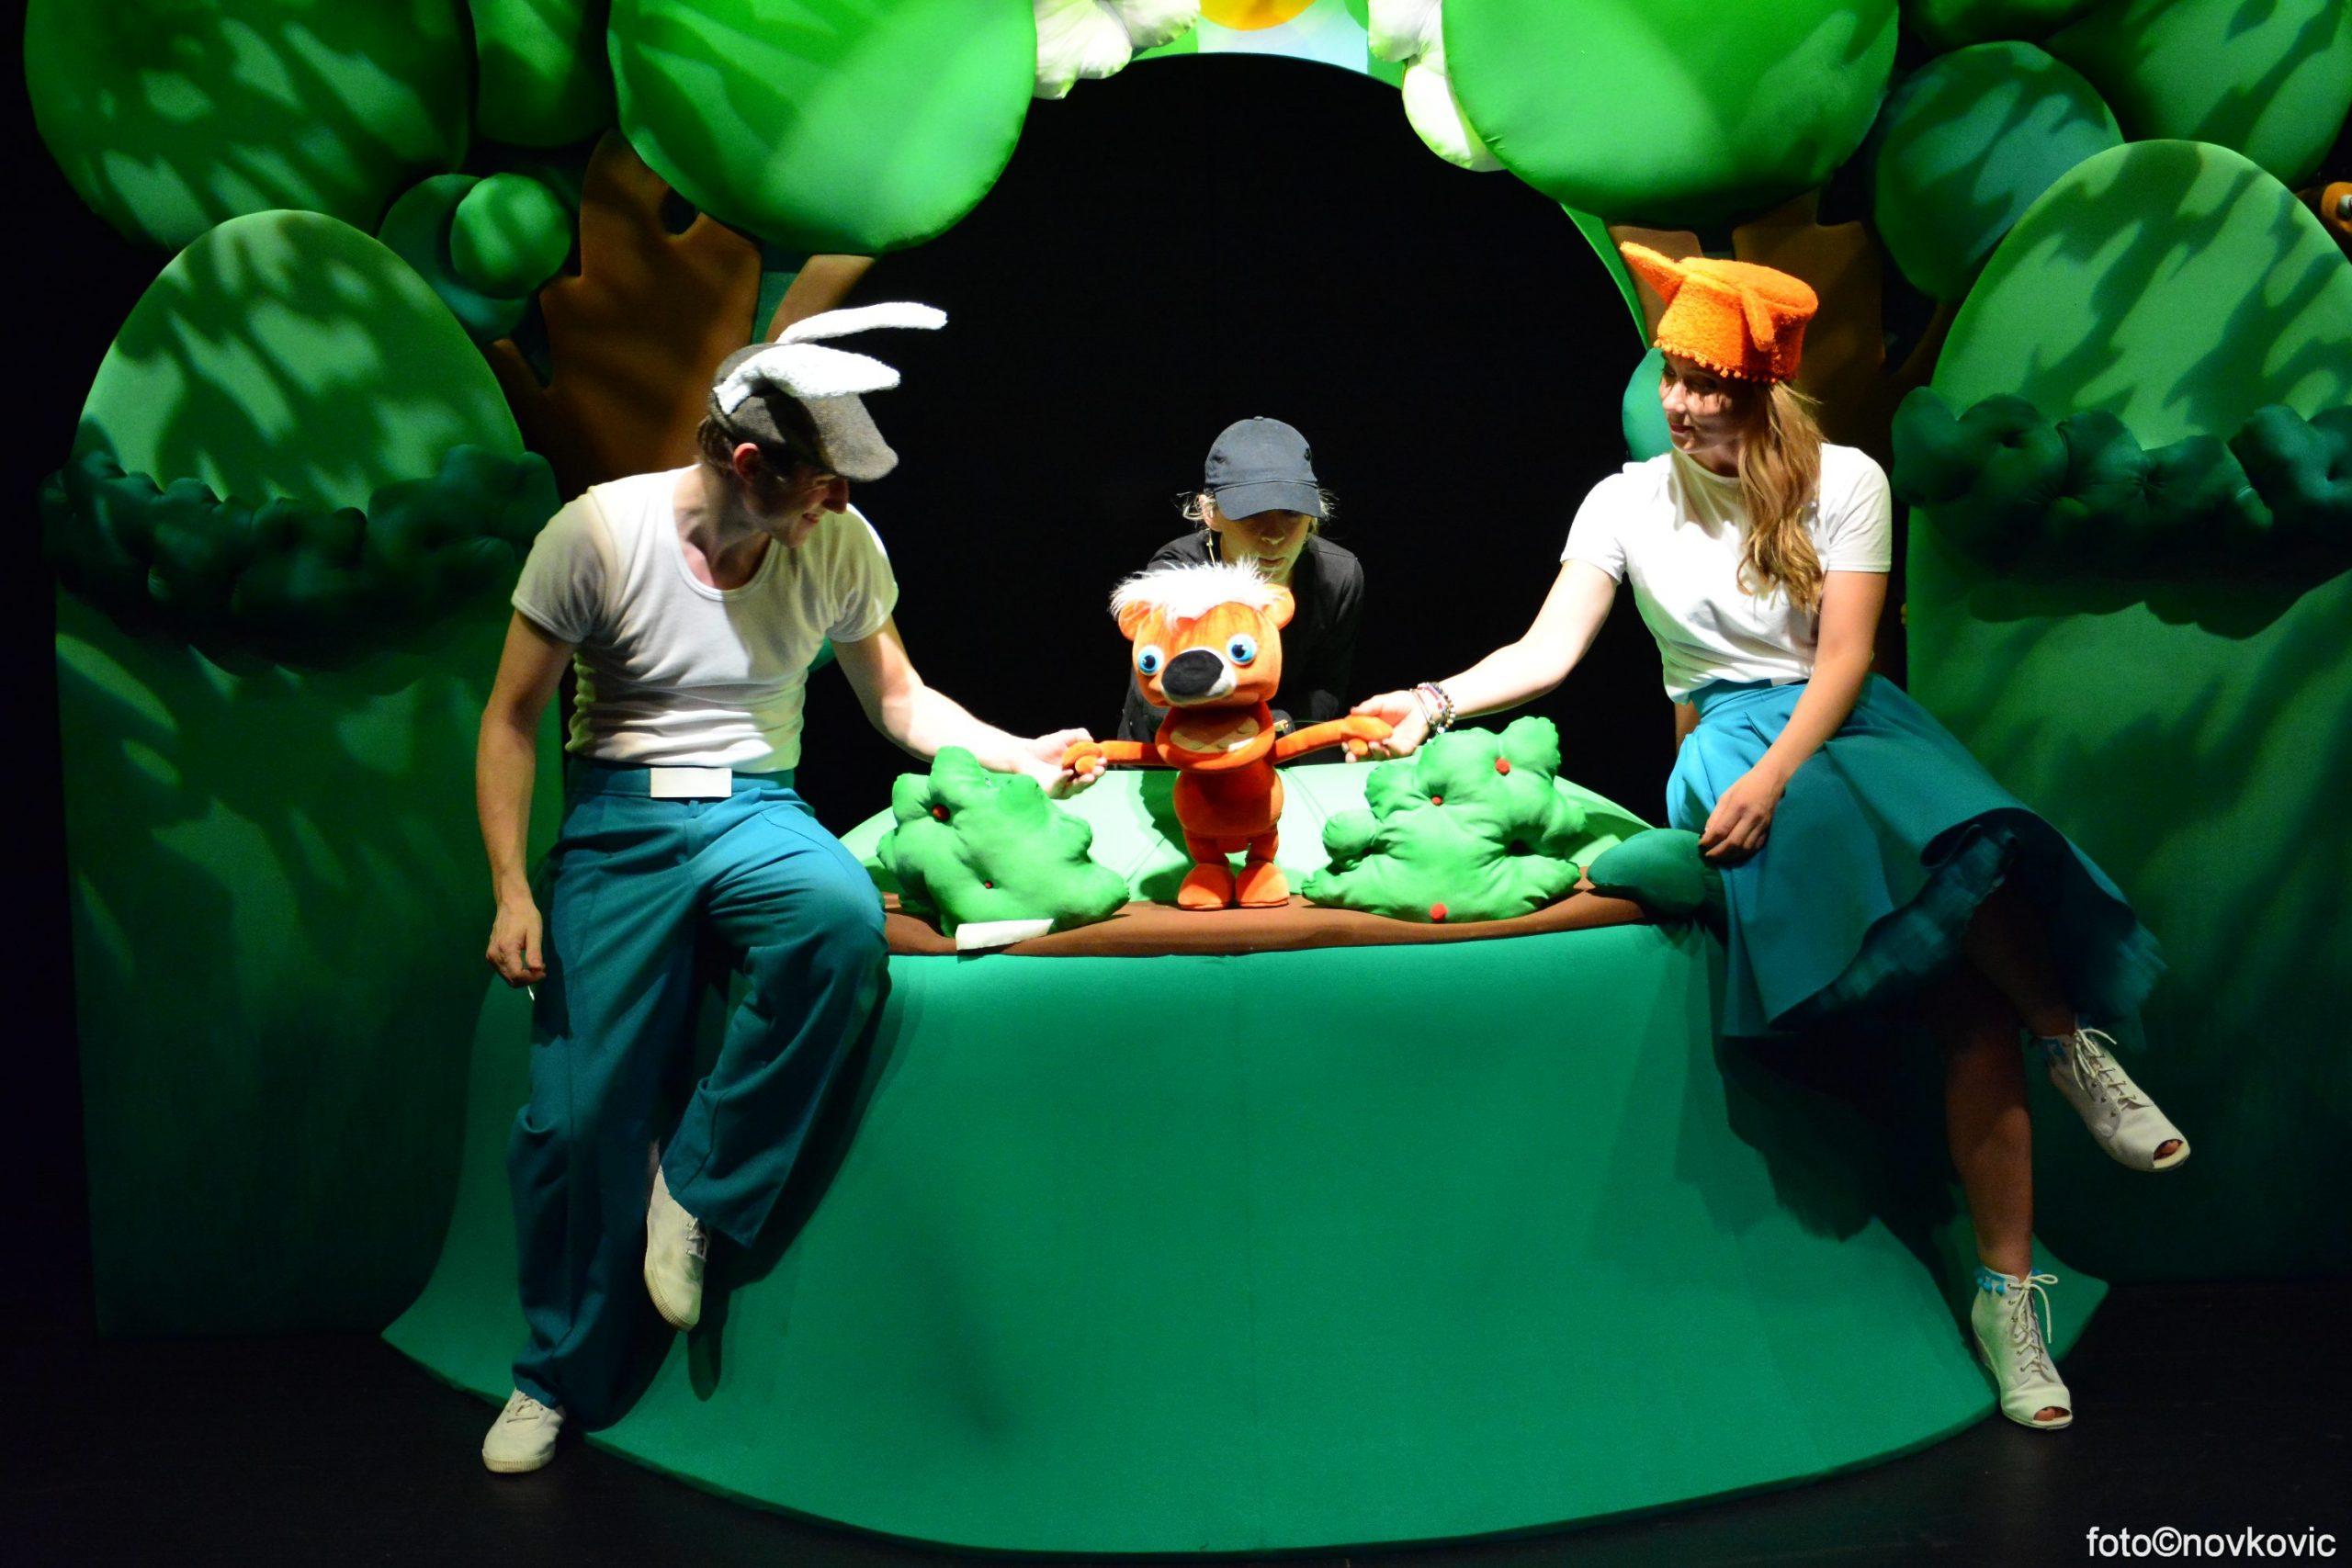 Dječja kazališta otvaraju svoja vrata, u subotu pogledajte predstavu Medo Đuro kod zubara